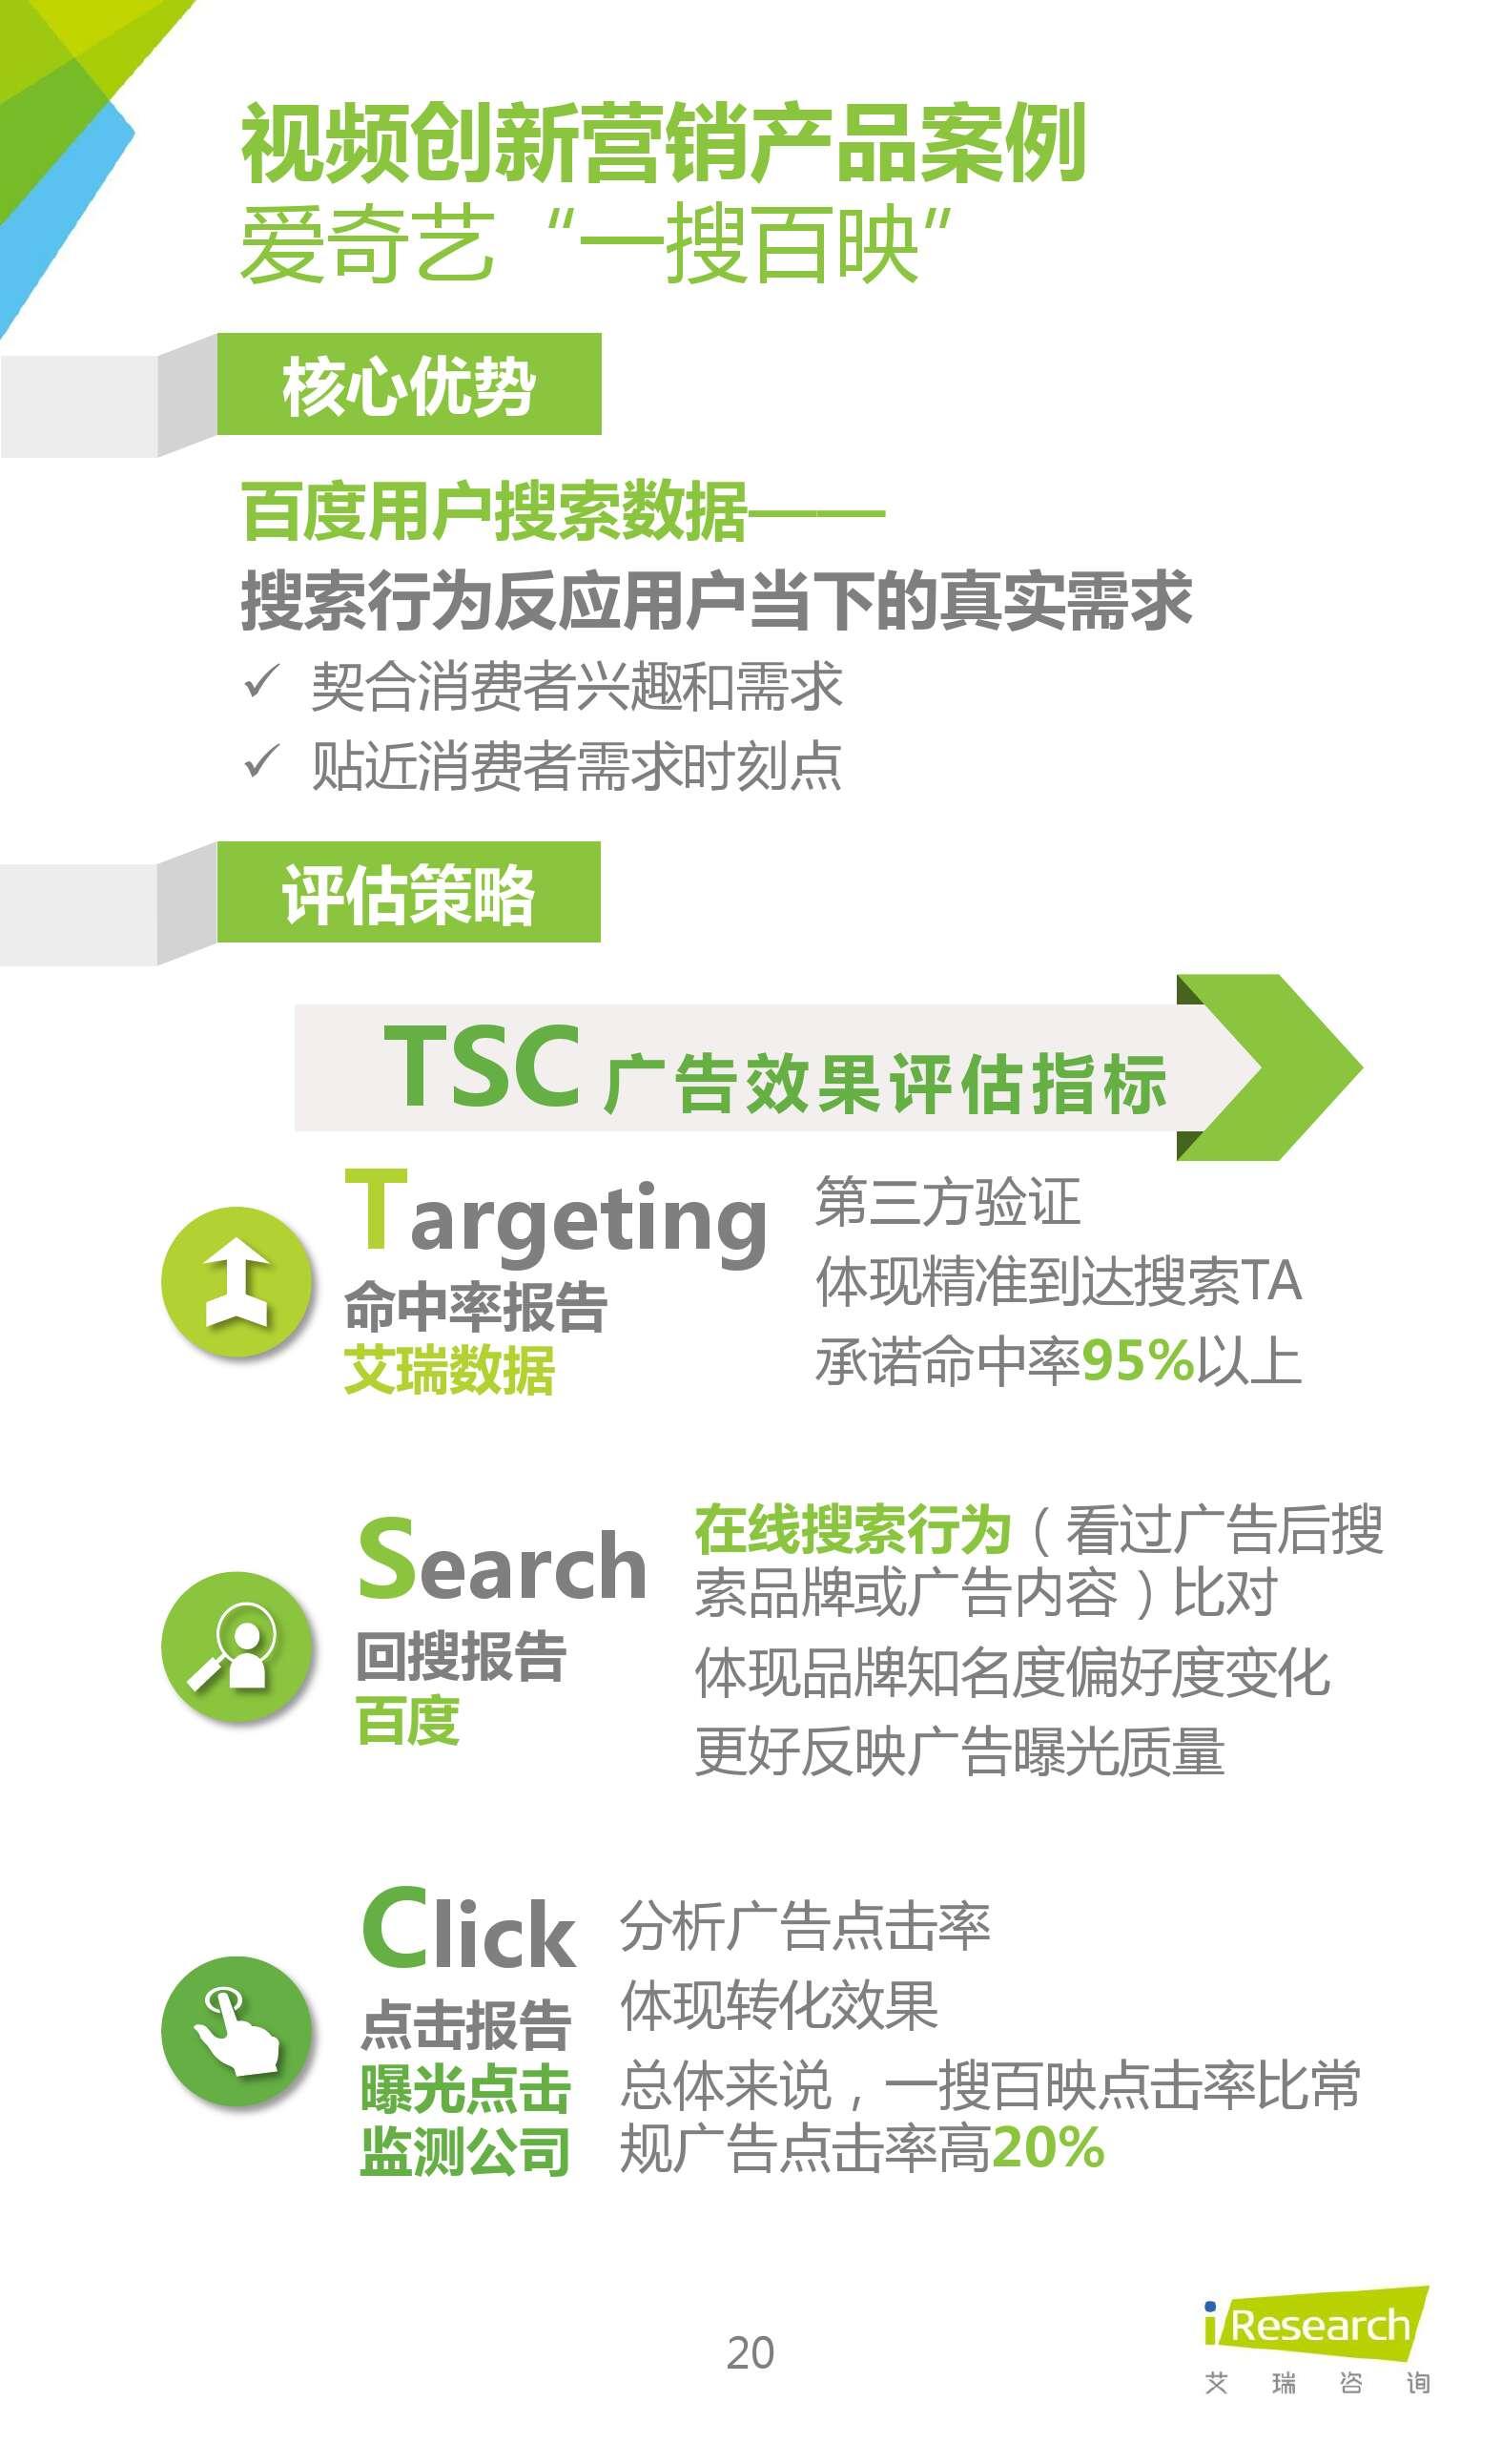 2016年中国在线视频企业创新营销研究_000020